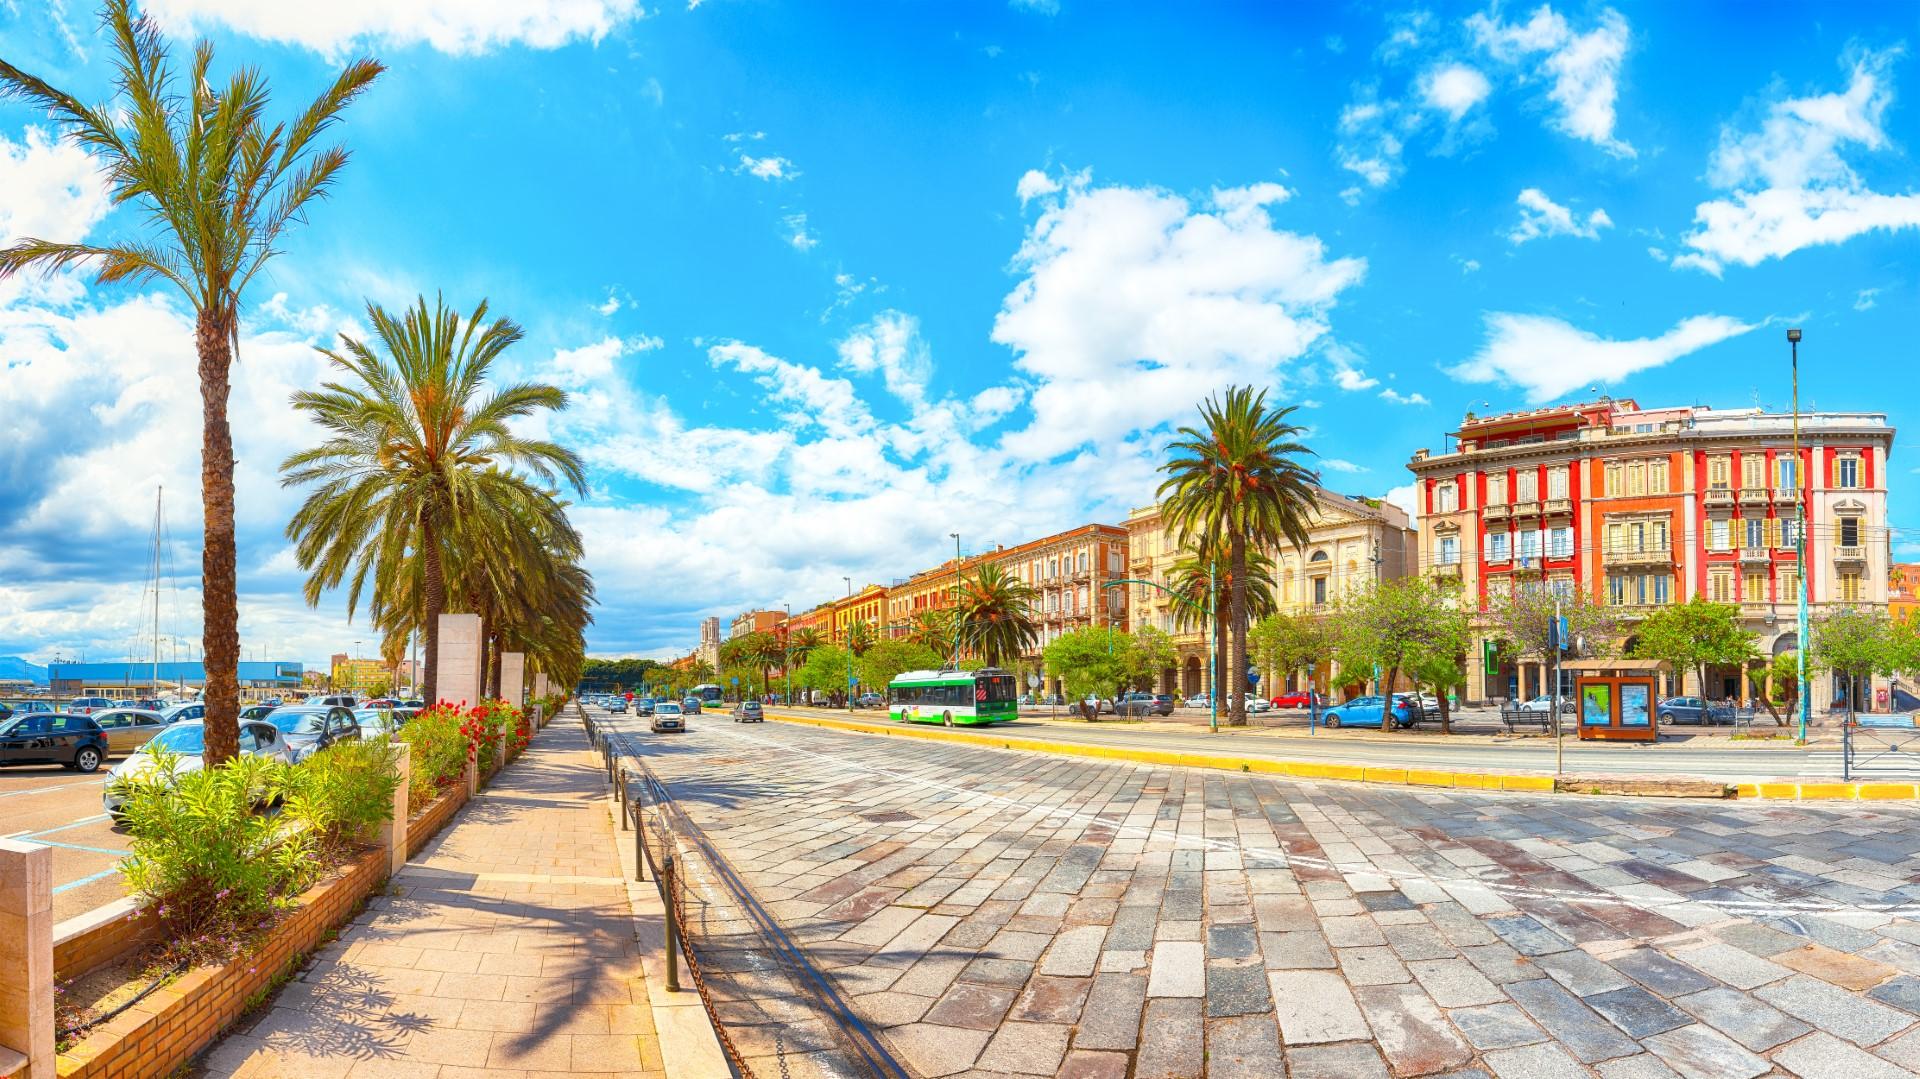 Sardinie autokarem s hvězdicovými výlety